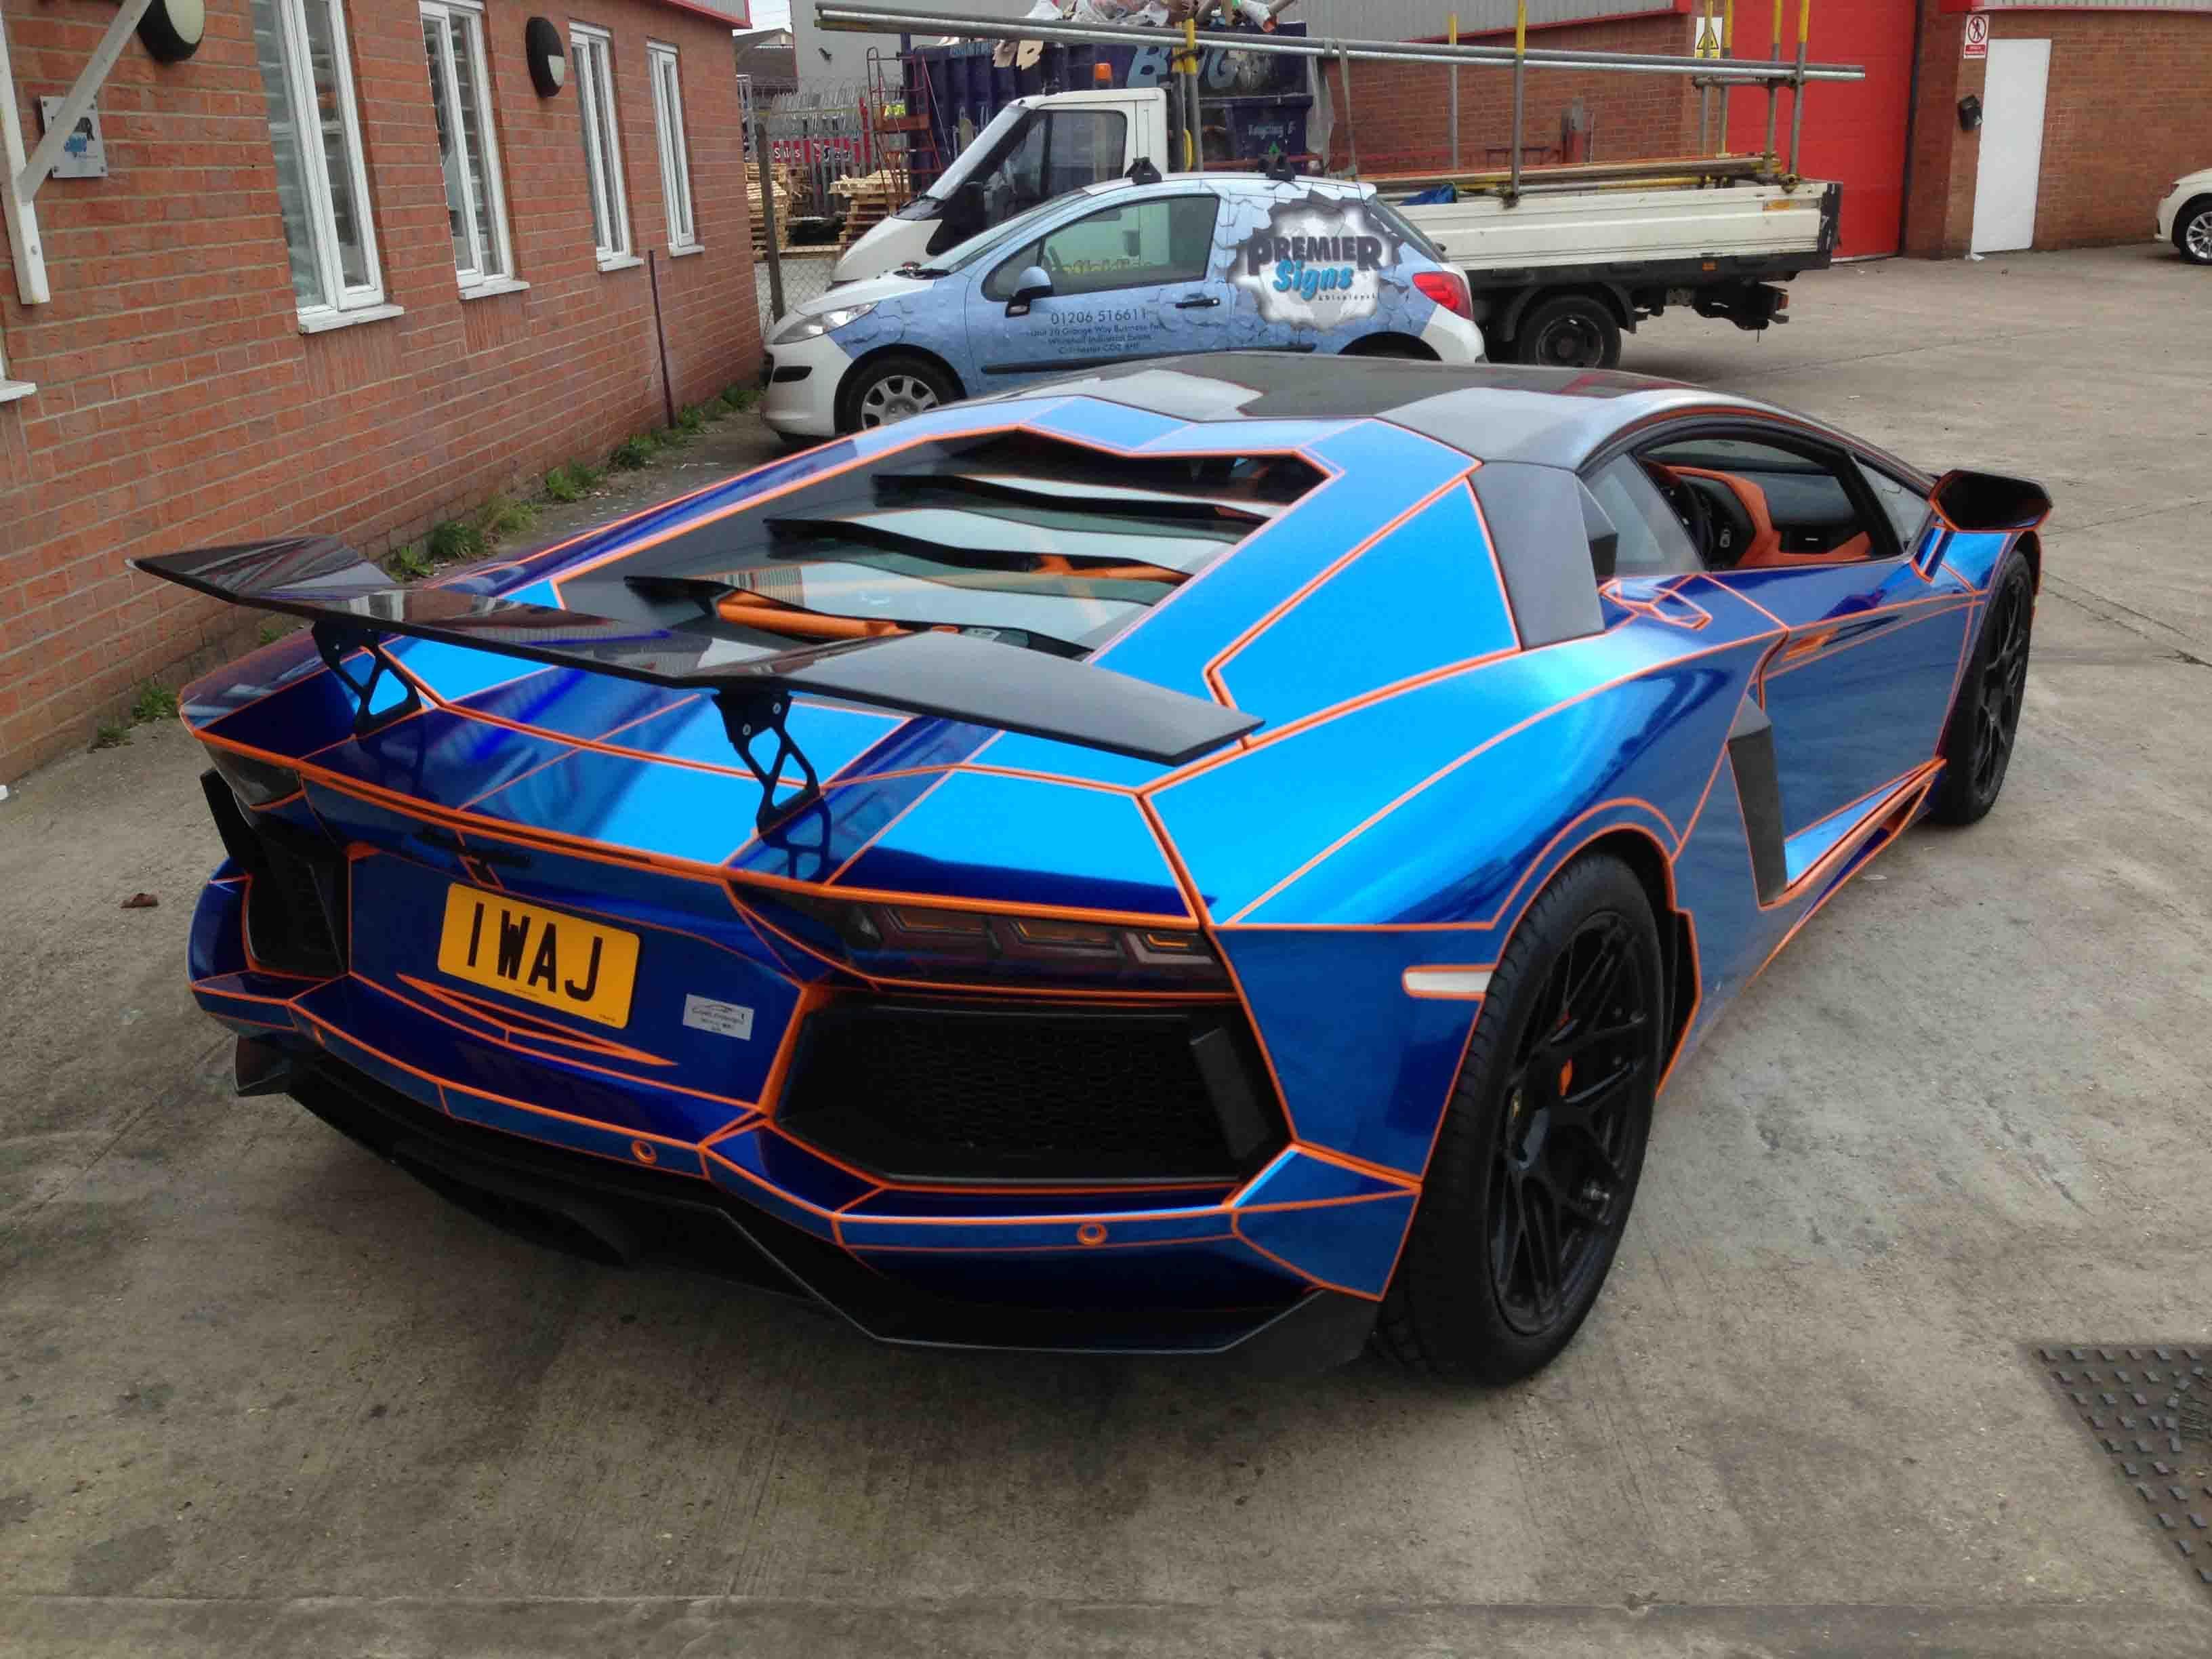 Blue Chrome Tron Style Wrap By Premier Signs To Orange Oakley Design Lamborghini  Aventador LP760